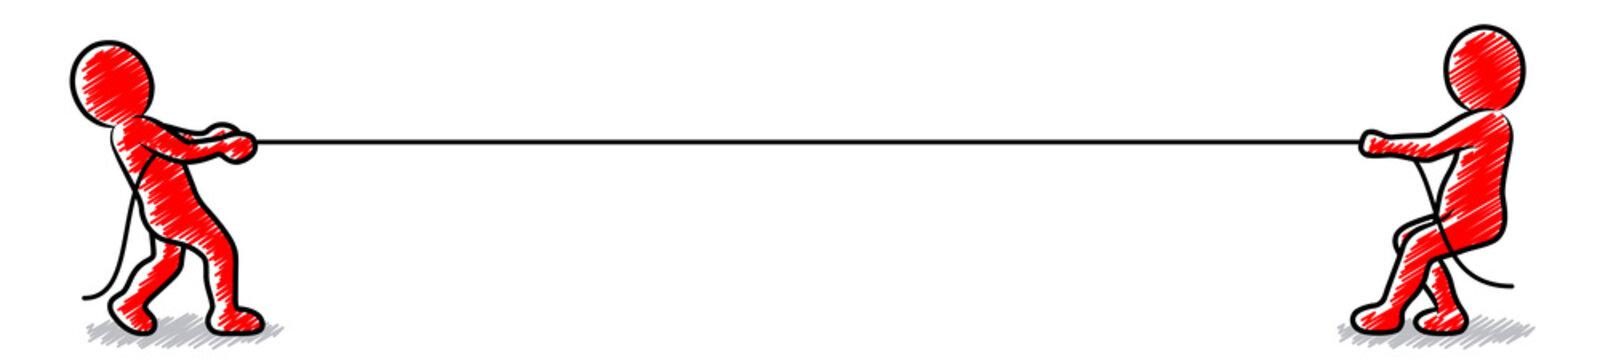 Konkurrenz: Zwei rote Männchen beim Tauziehen / Schraffierte Vektor-Zeichnung